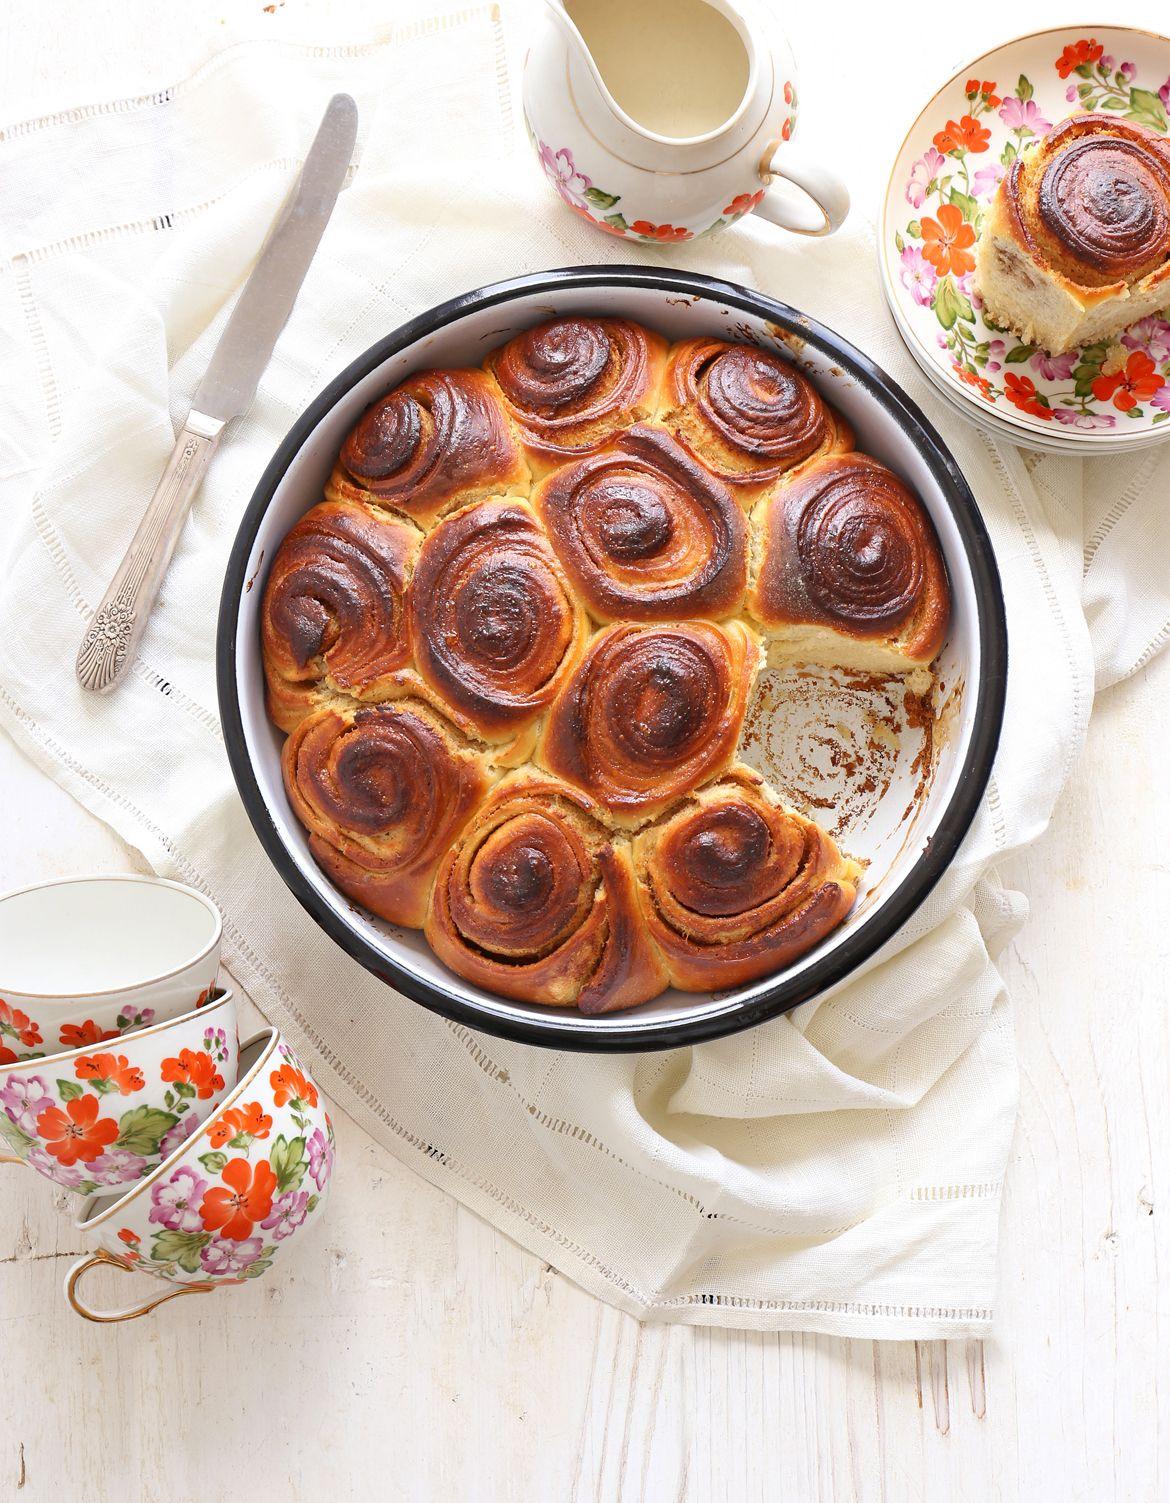 עוגת שושני גביניות קינמון | צילום: נטלי לוין